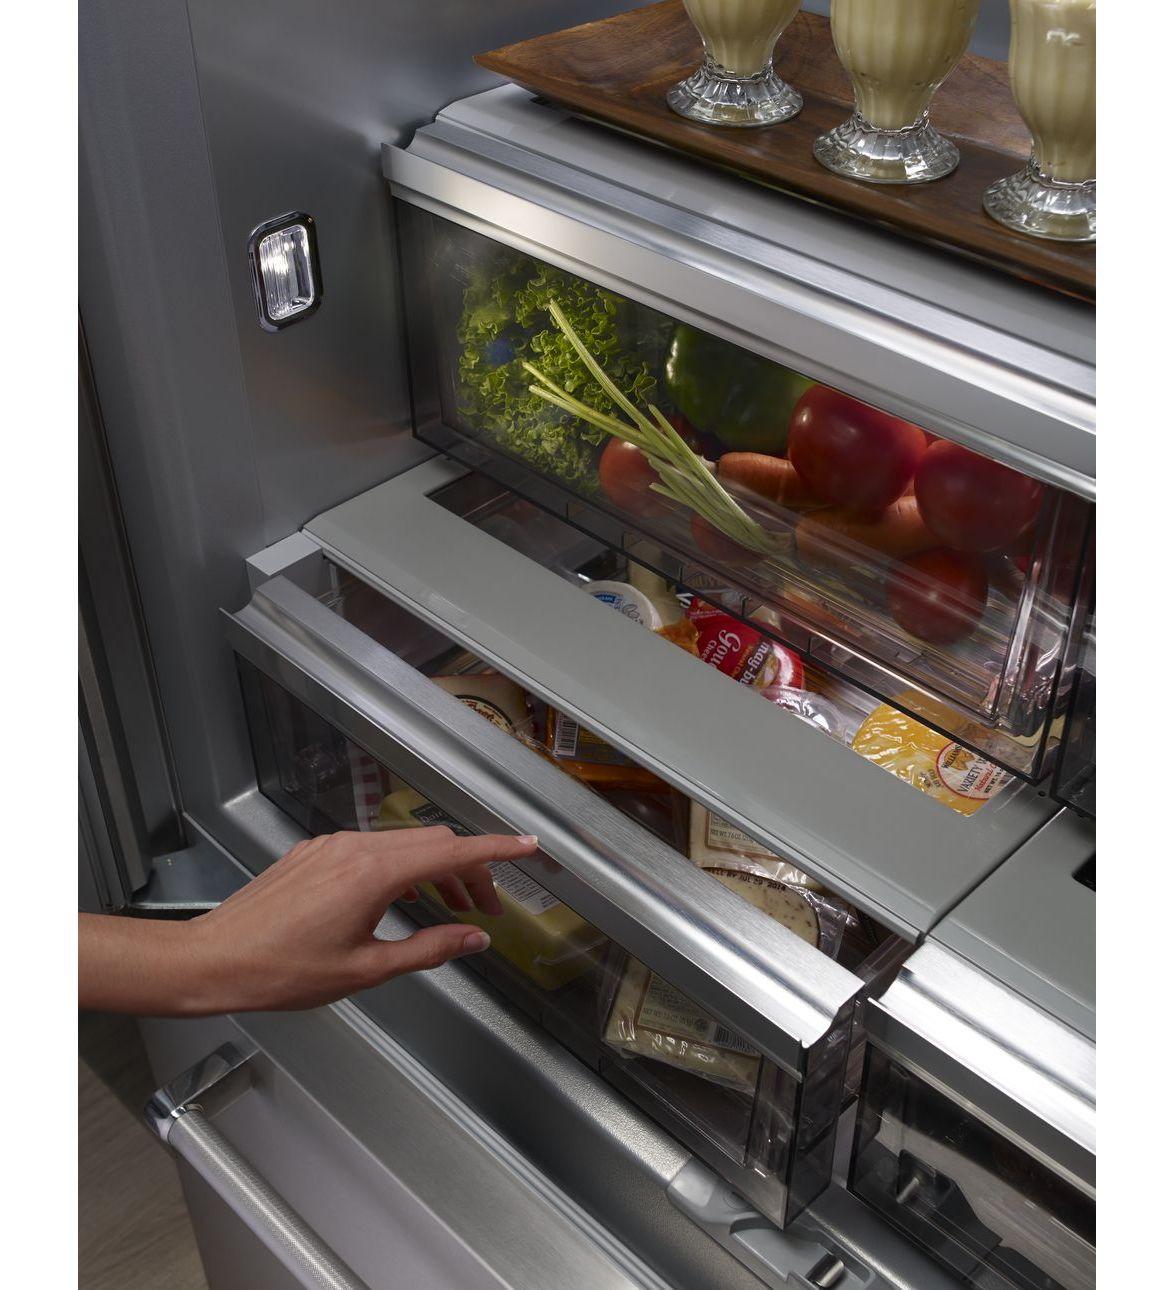 42 kitchenaid 24 2 cu ft width built in stainless - Kitchenaid refrigerator platinum interior ...